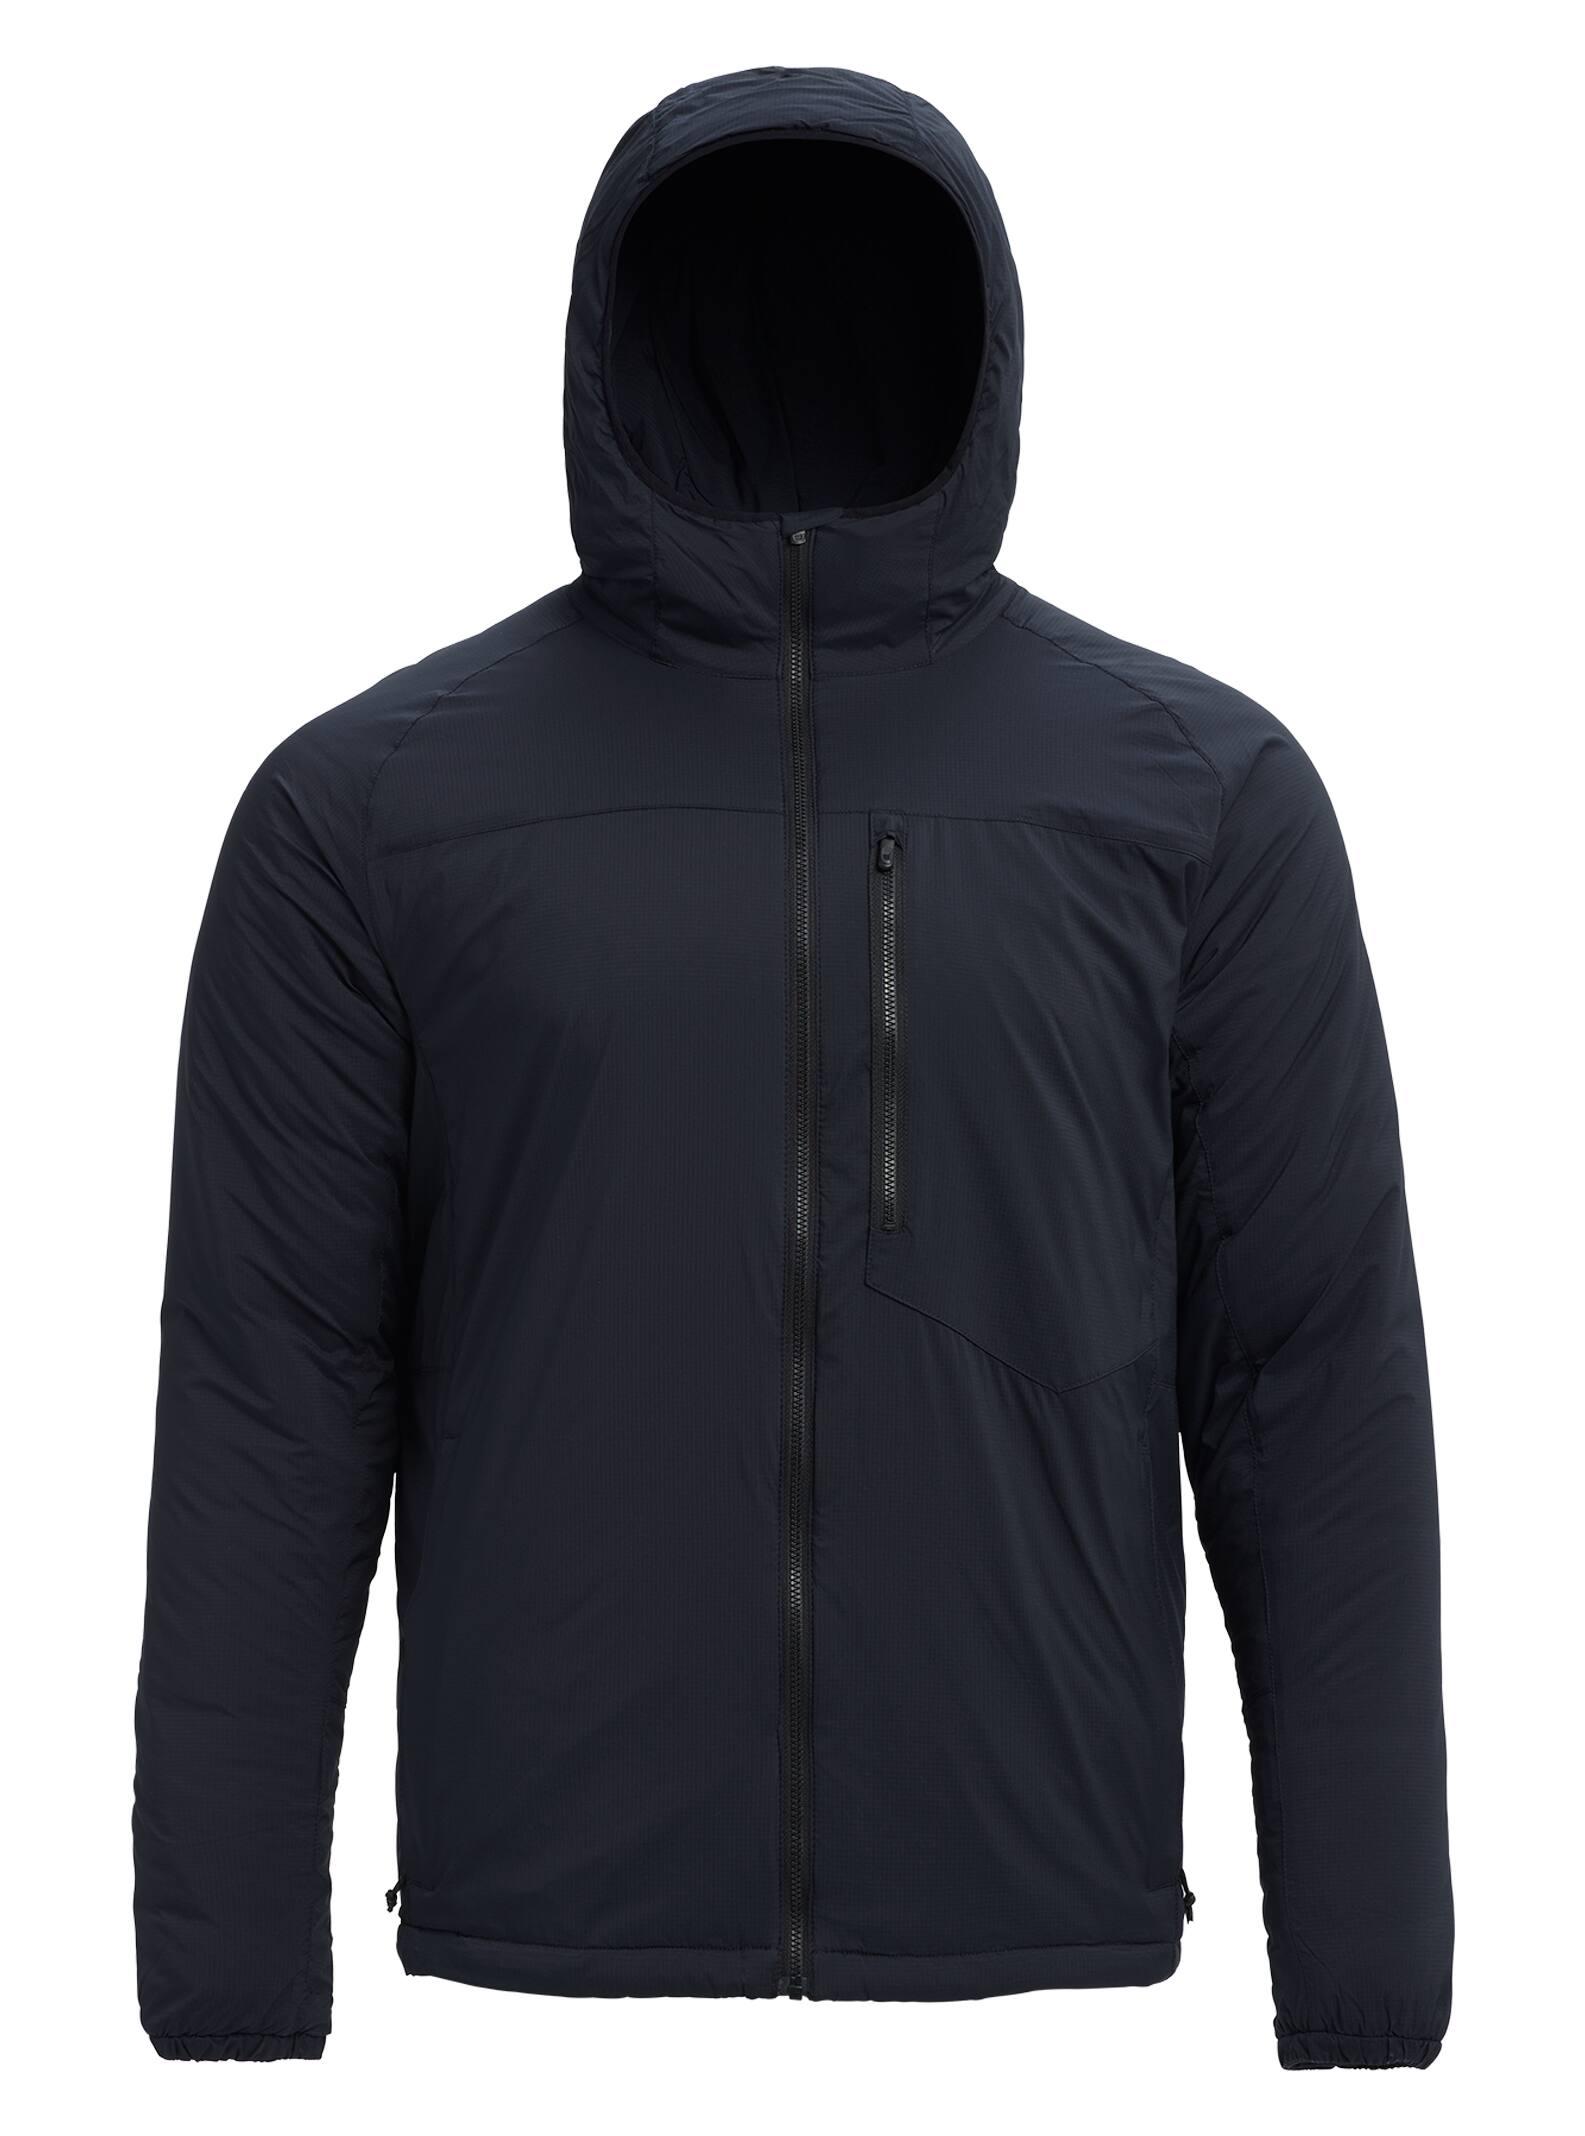 Men's, Women's, and Kids' Down Jackets and Coats | DE